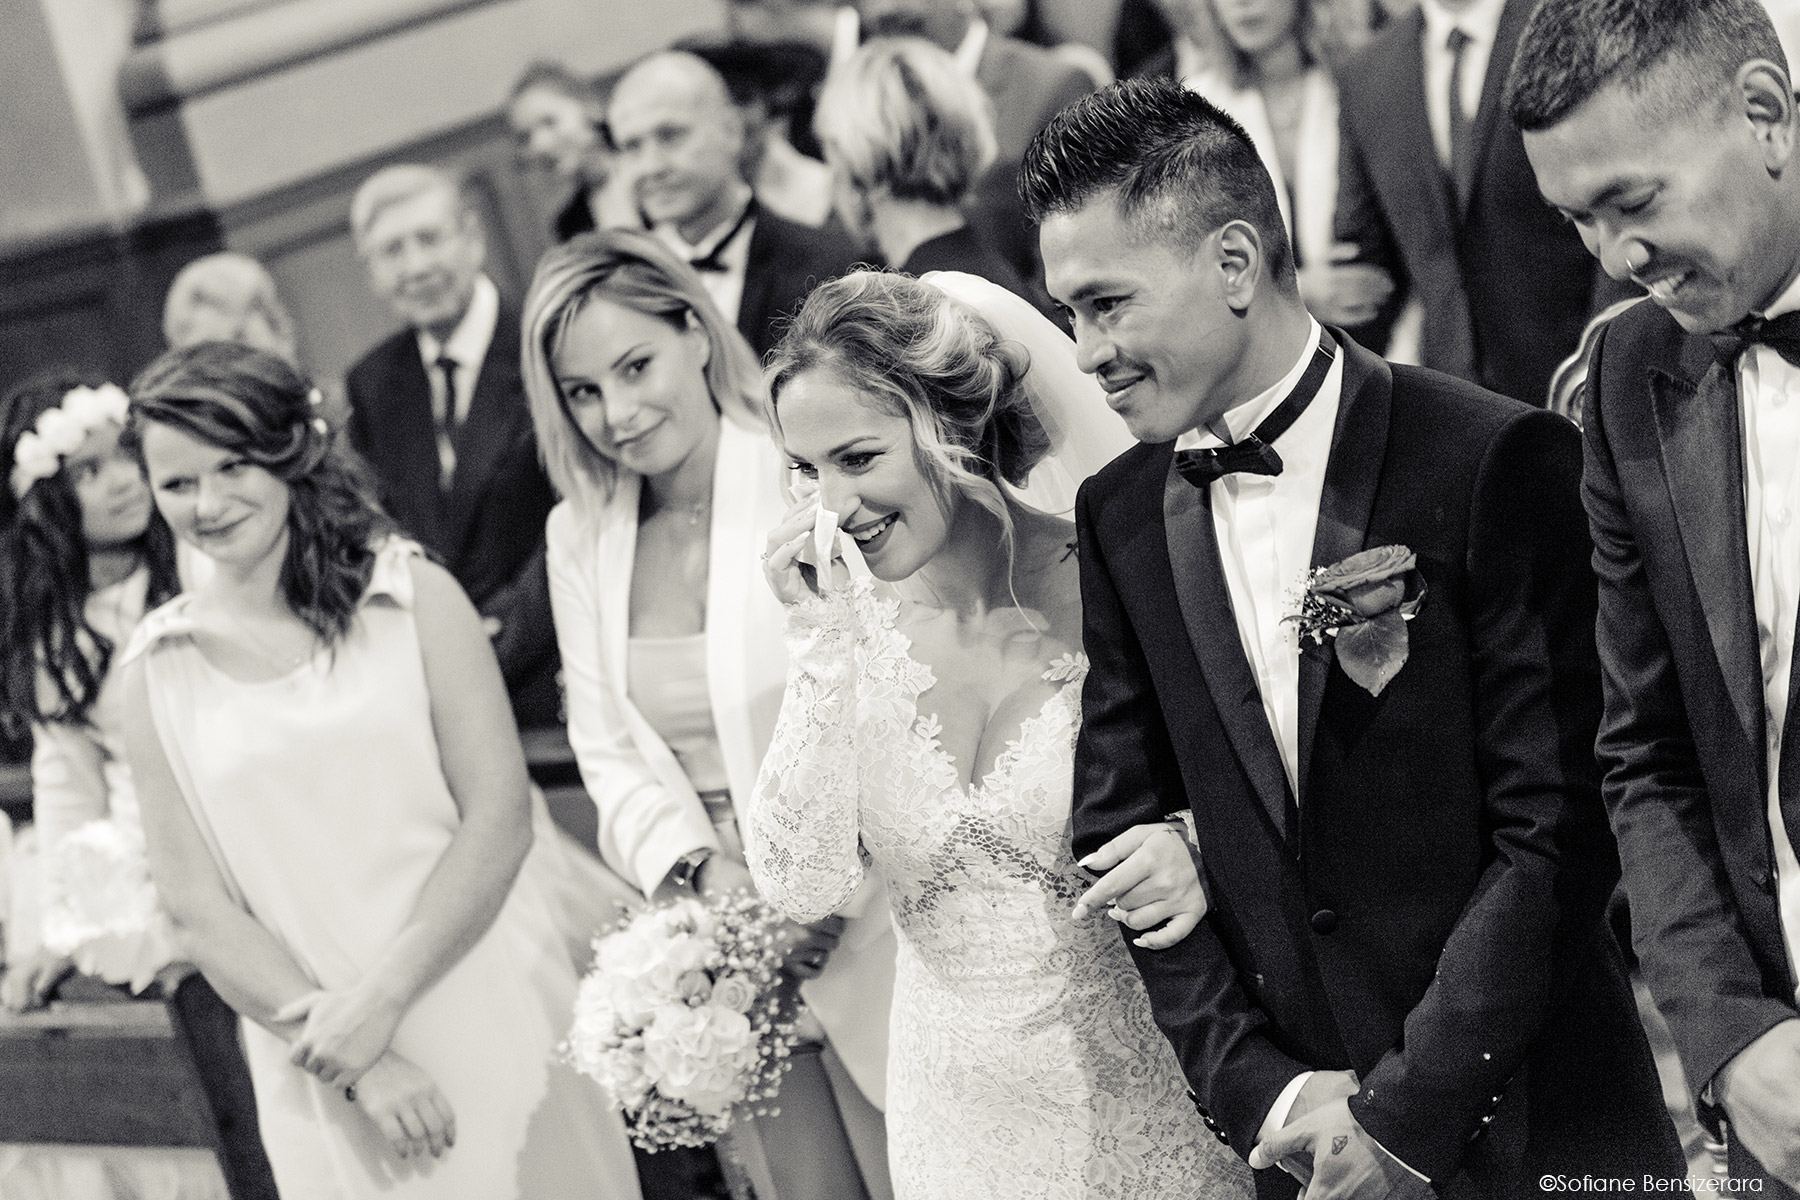 Mariage de Jennifer & Kham à Tournefeuille 19 photo ceremonie religieuse mariage